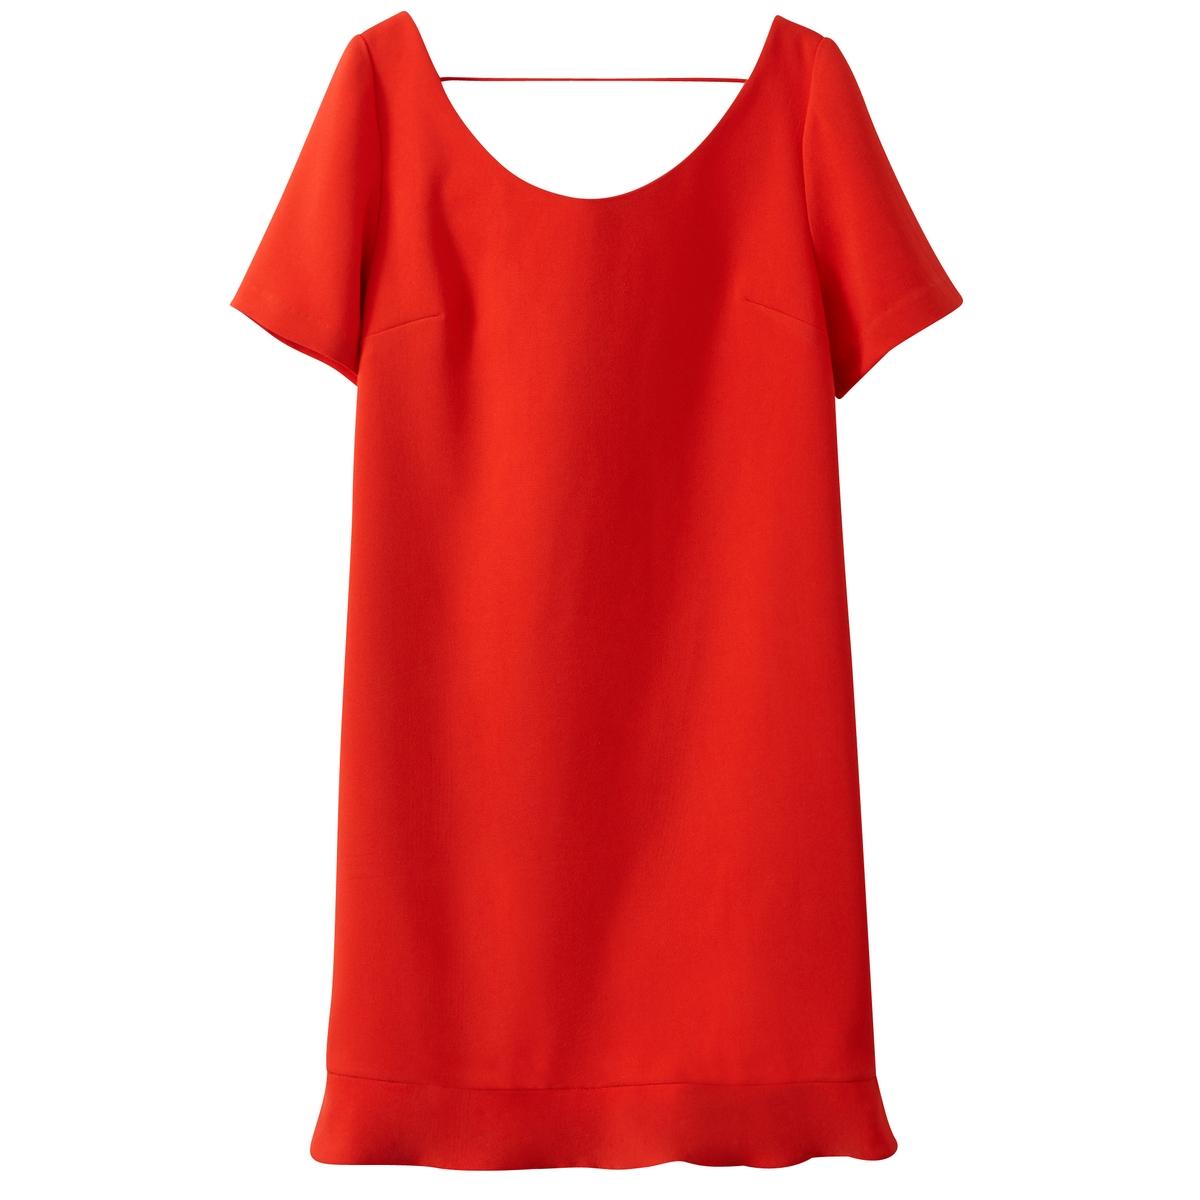 Платье с короткими рукавами и глубоким вырезом сзадиОписание:Детали  •  Форма : расклешенная   •  Укороченная модель •  Тонкие бретели    •  Круглый вырезСостав и уход •  100% простой полиэфир •  Следуйте советам по уходу, указанным на этикетке<br><br>Цвет: красный<br>Размер: XS